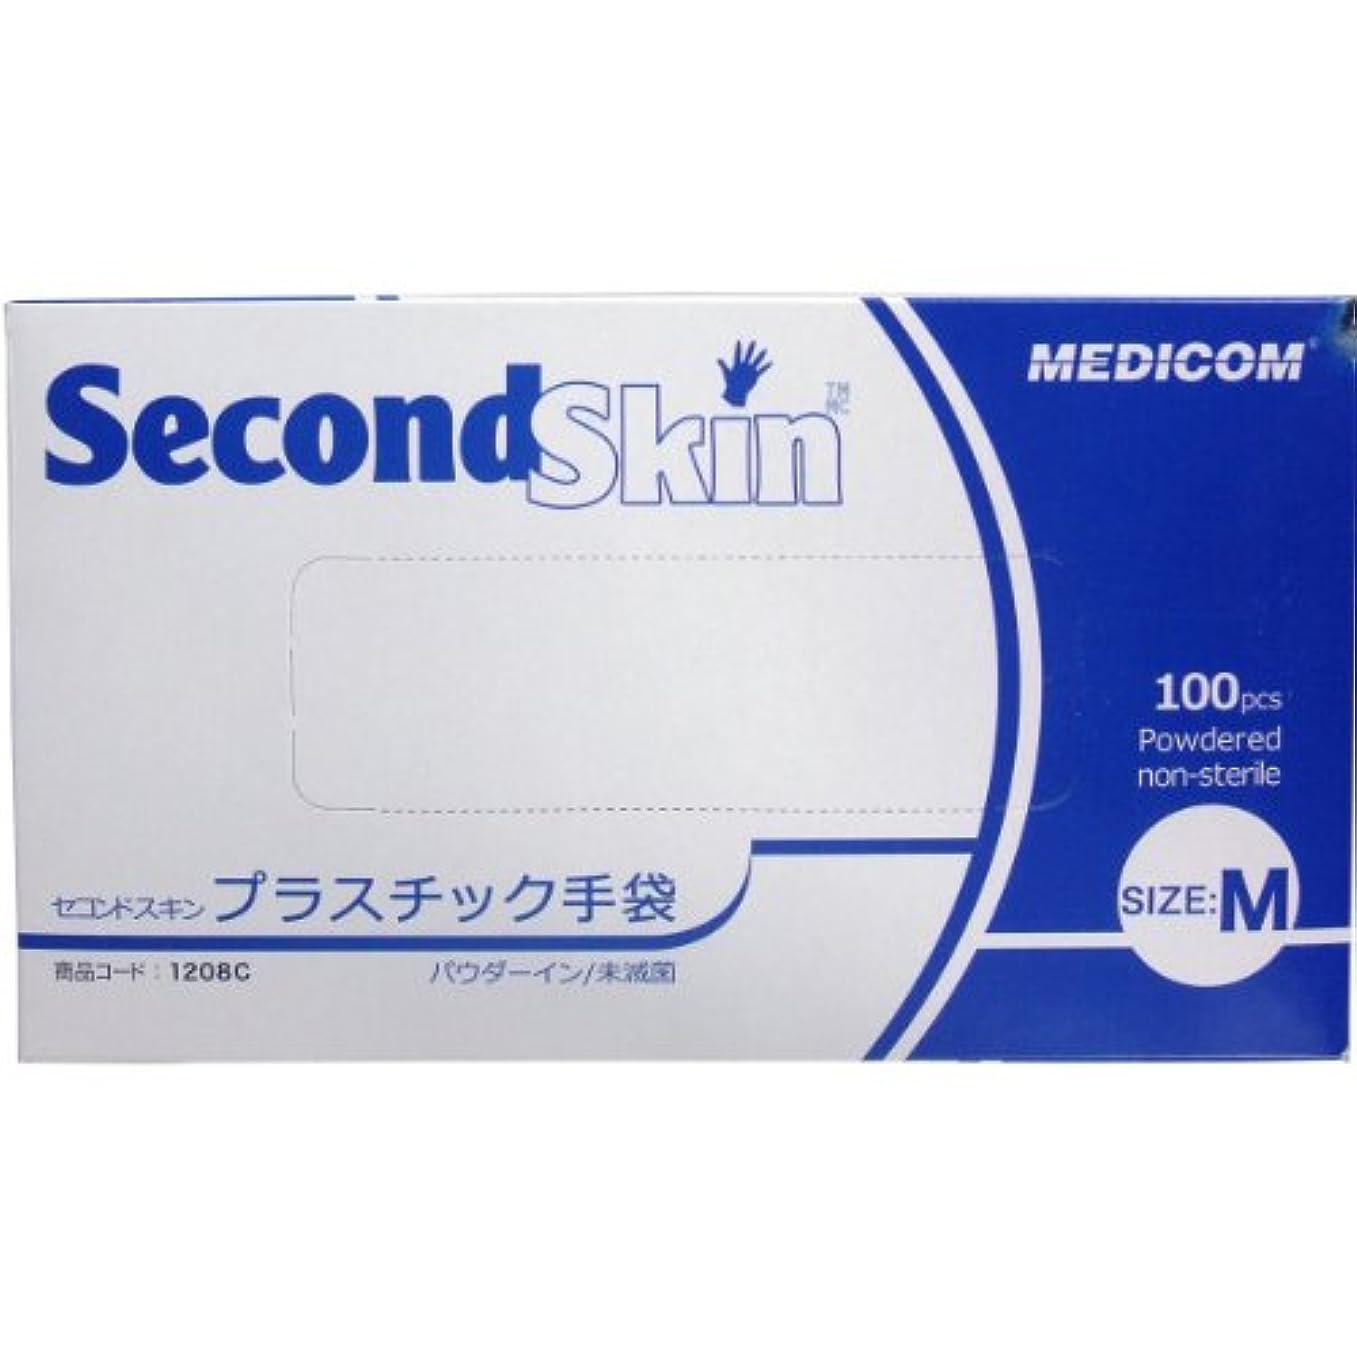 ベッドを作る効能ある拳セコンドスキン プラスチック手袋 Mサイズ 100枚入